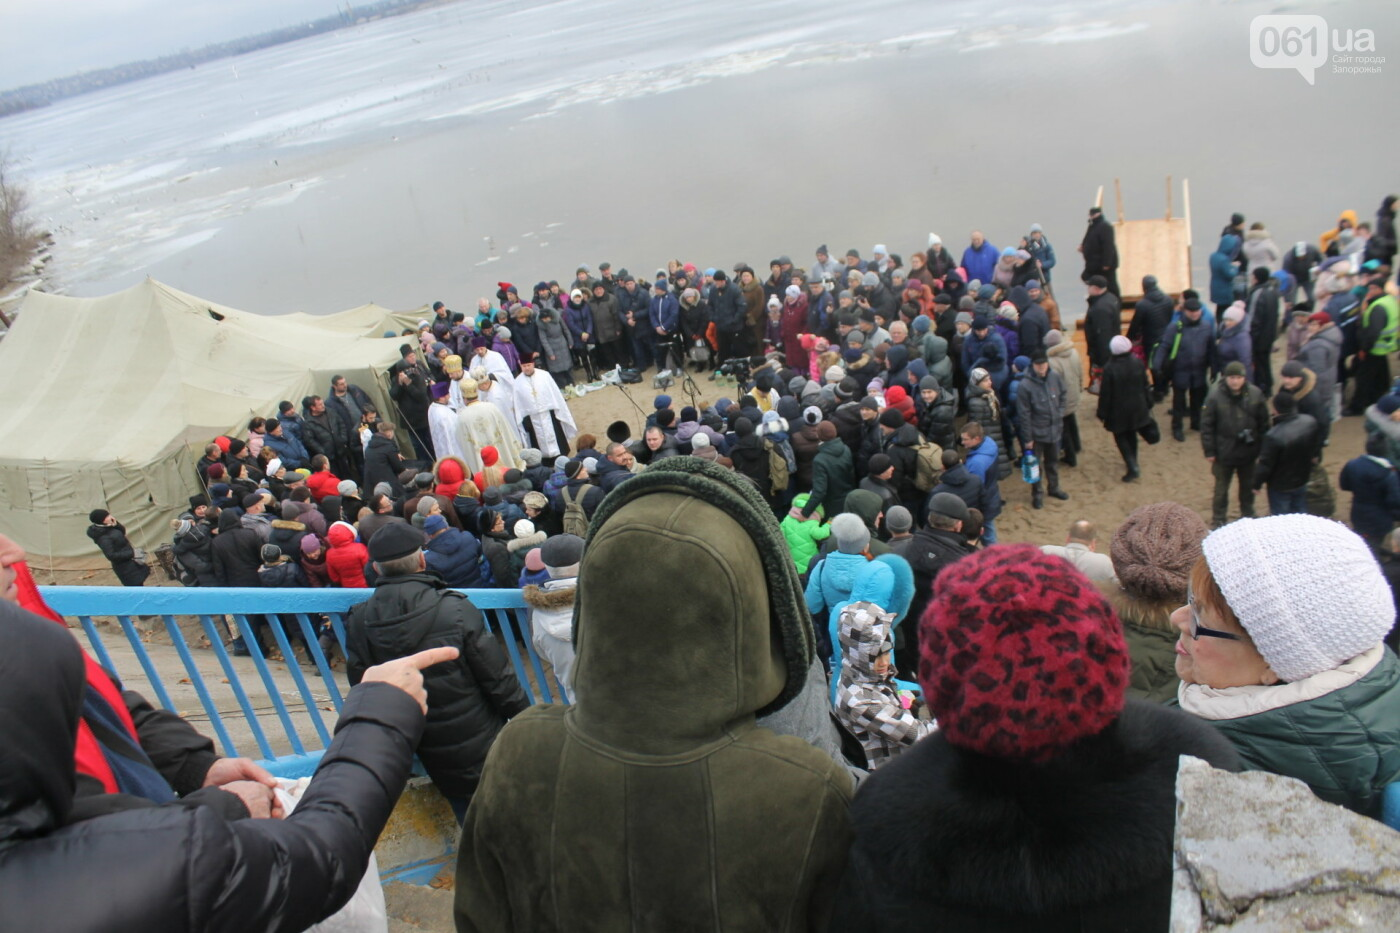 На Правобережном пляже сотни запорожцев отметили Крещение: как это было, – ФОТОРЕПОРТАЖ, фото-9